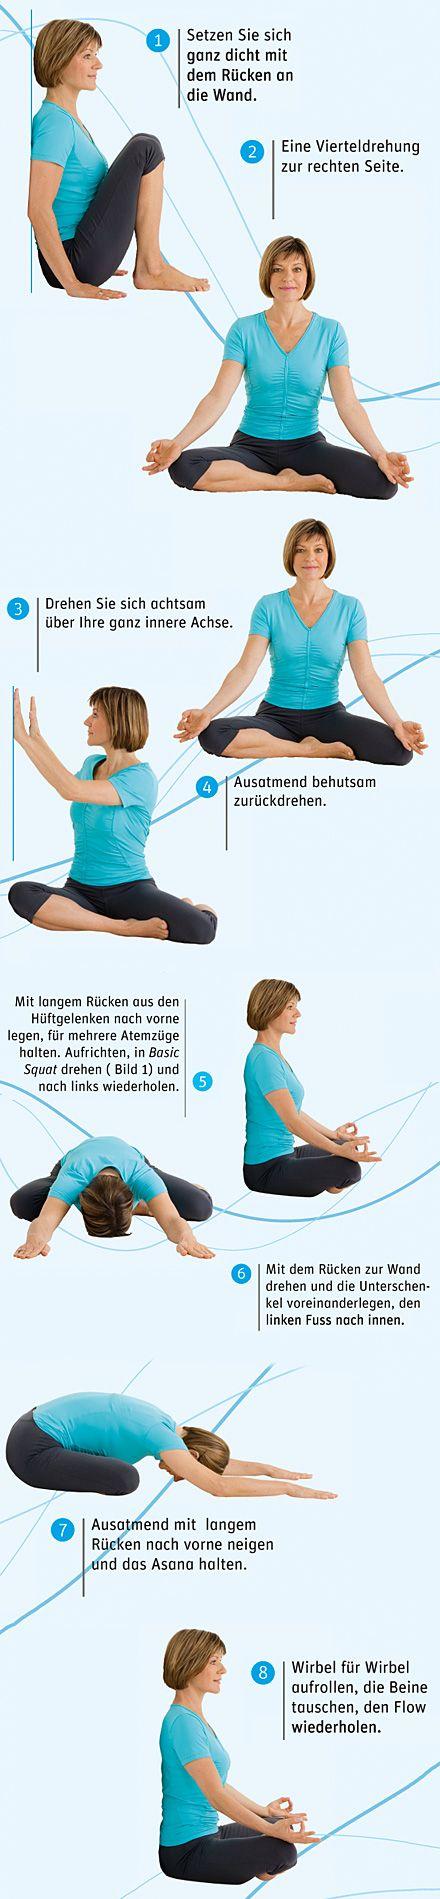 """Yoga Übung. Aus: Yoga im Rhythmus der Jahreszeiten"""", TRIAS Verlag."""